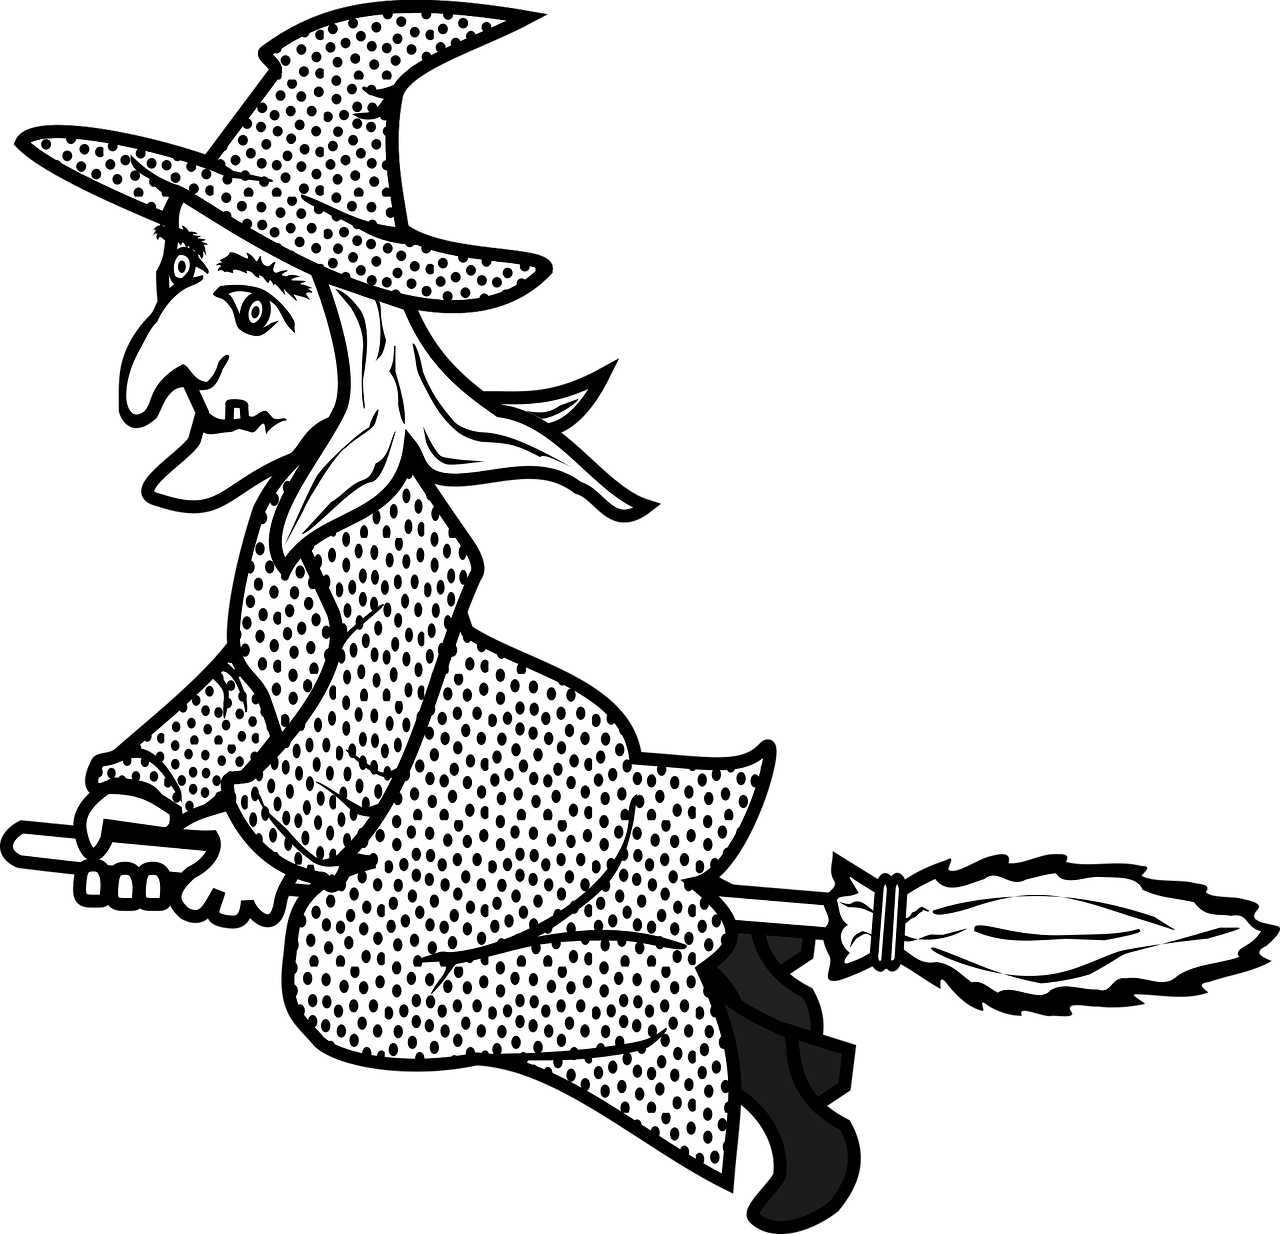 Картинка ведьма распечатать